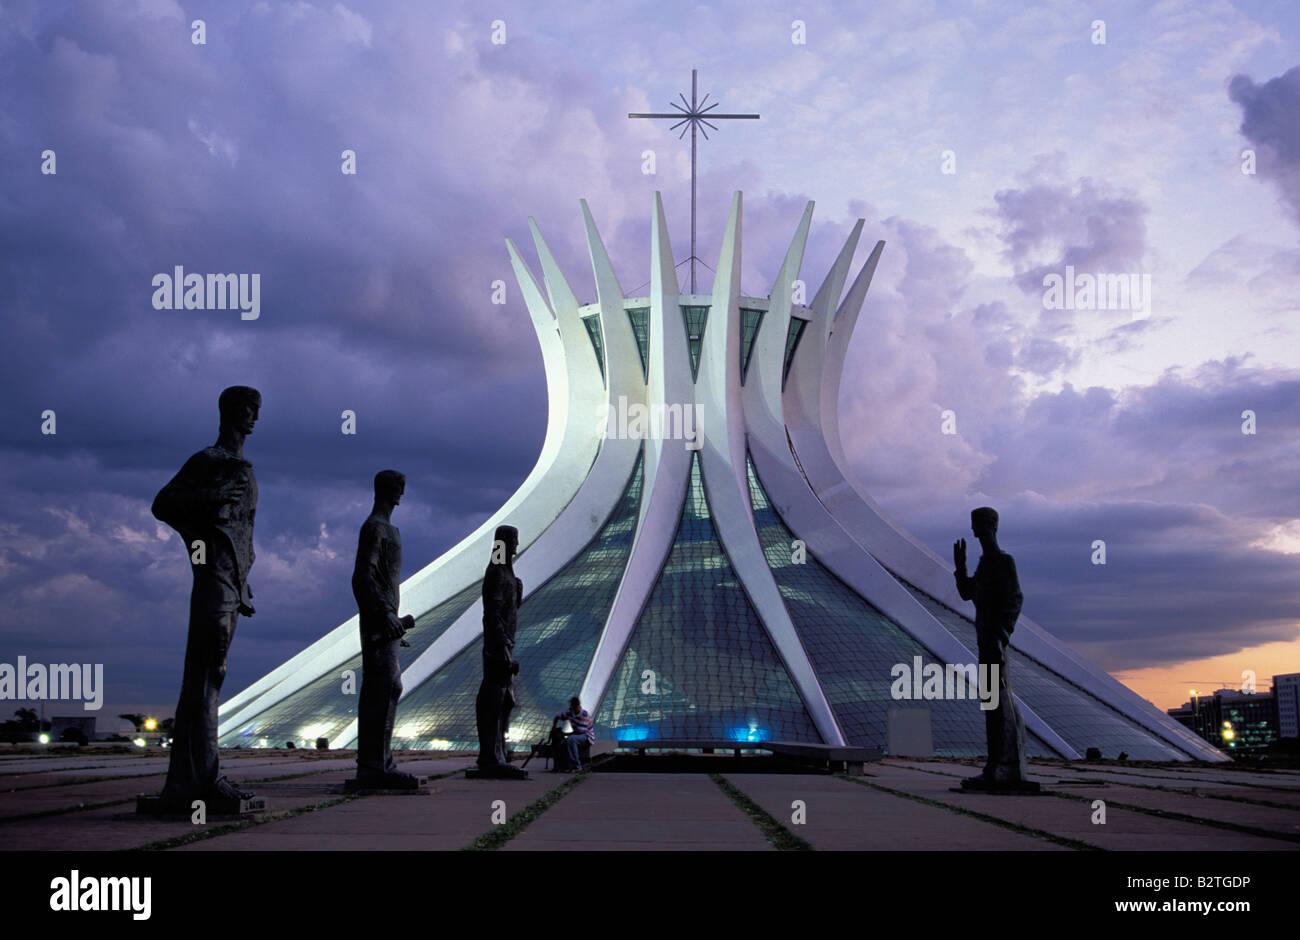 Catedral Metropolitana, Brasilia, Brazil - Stock Image